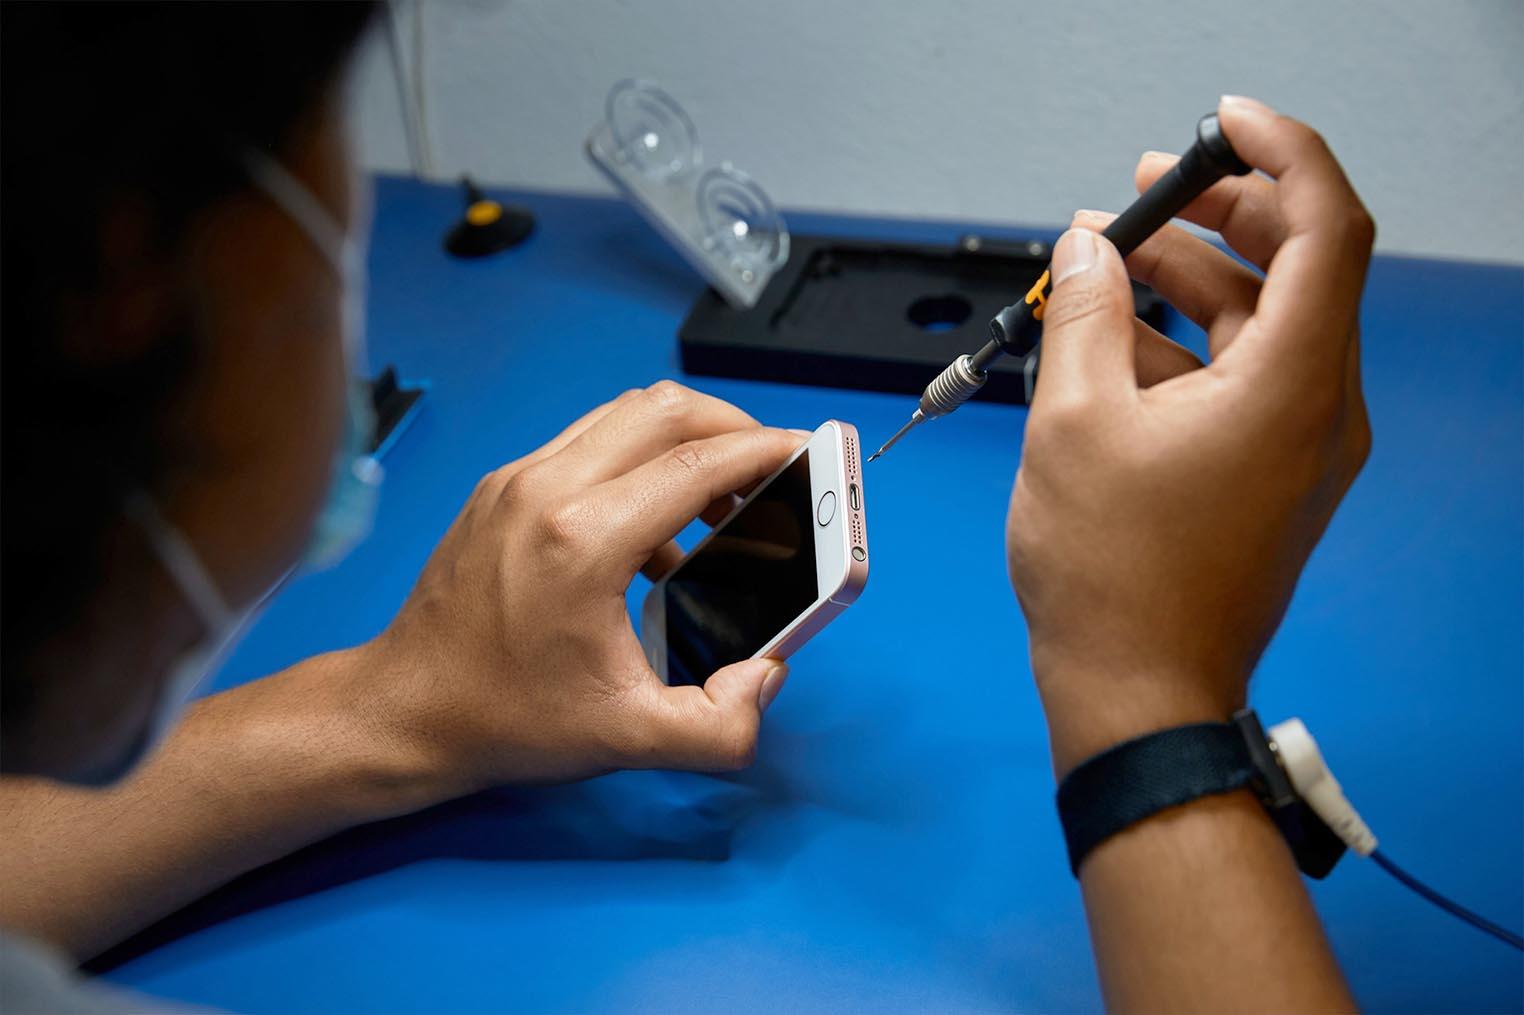 Programme de réparation indépendants Apple